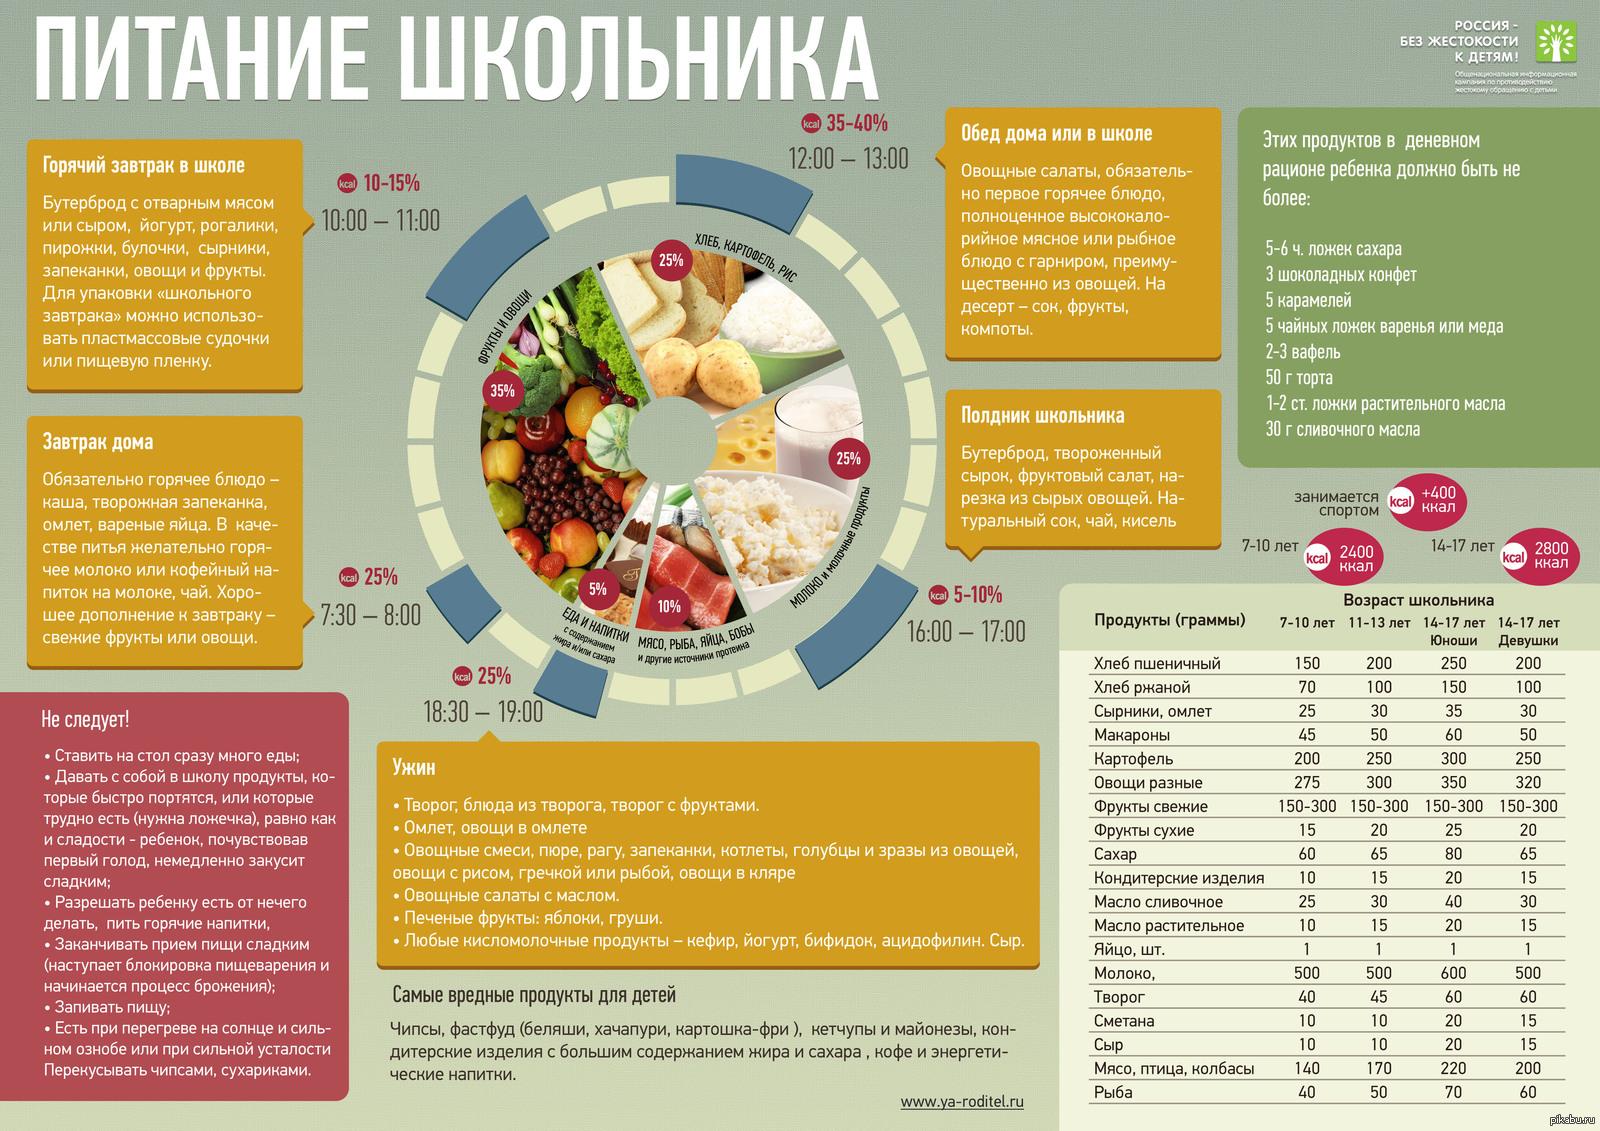 http://s4.pikabu.ru/post_img/big/2015/09/01/10/1441128964_57802860.jpg